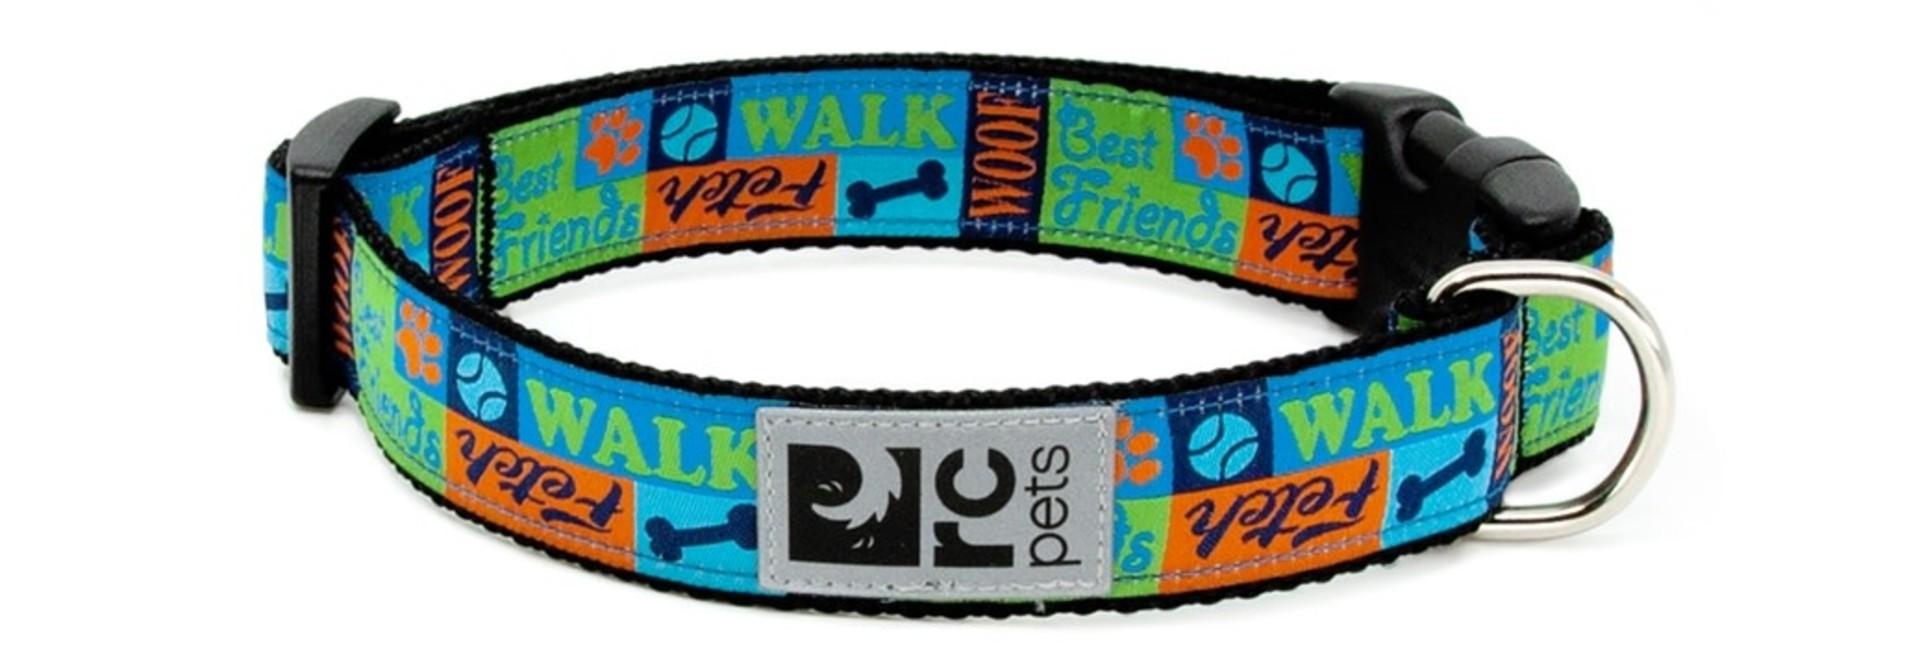 Clip Collar - Best Friends